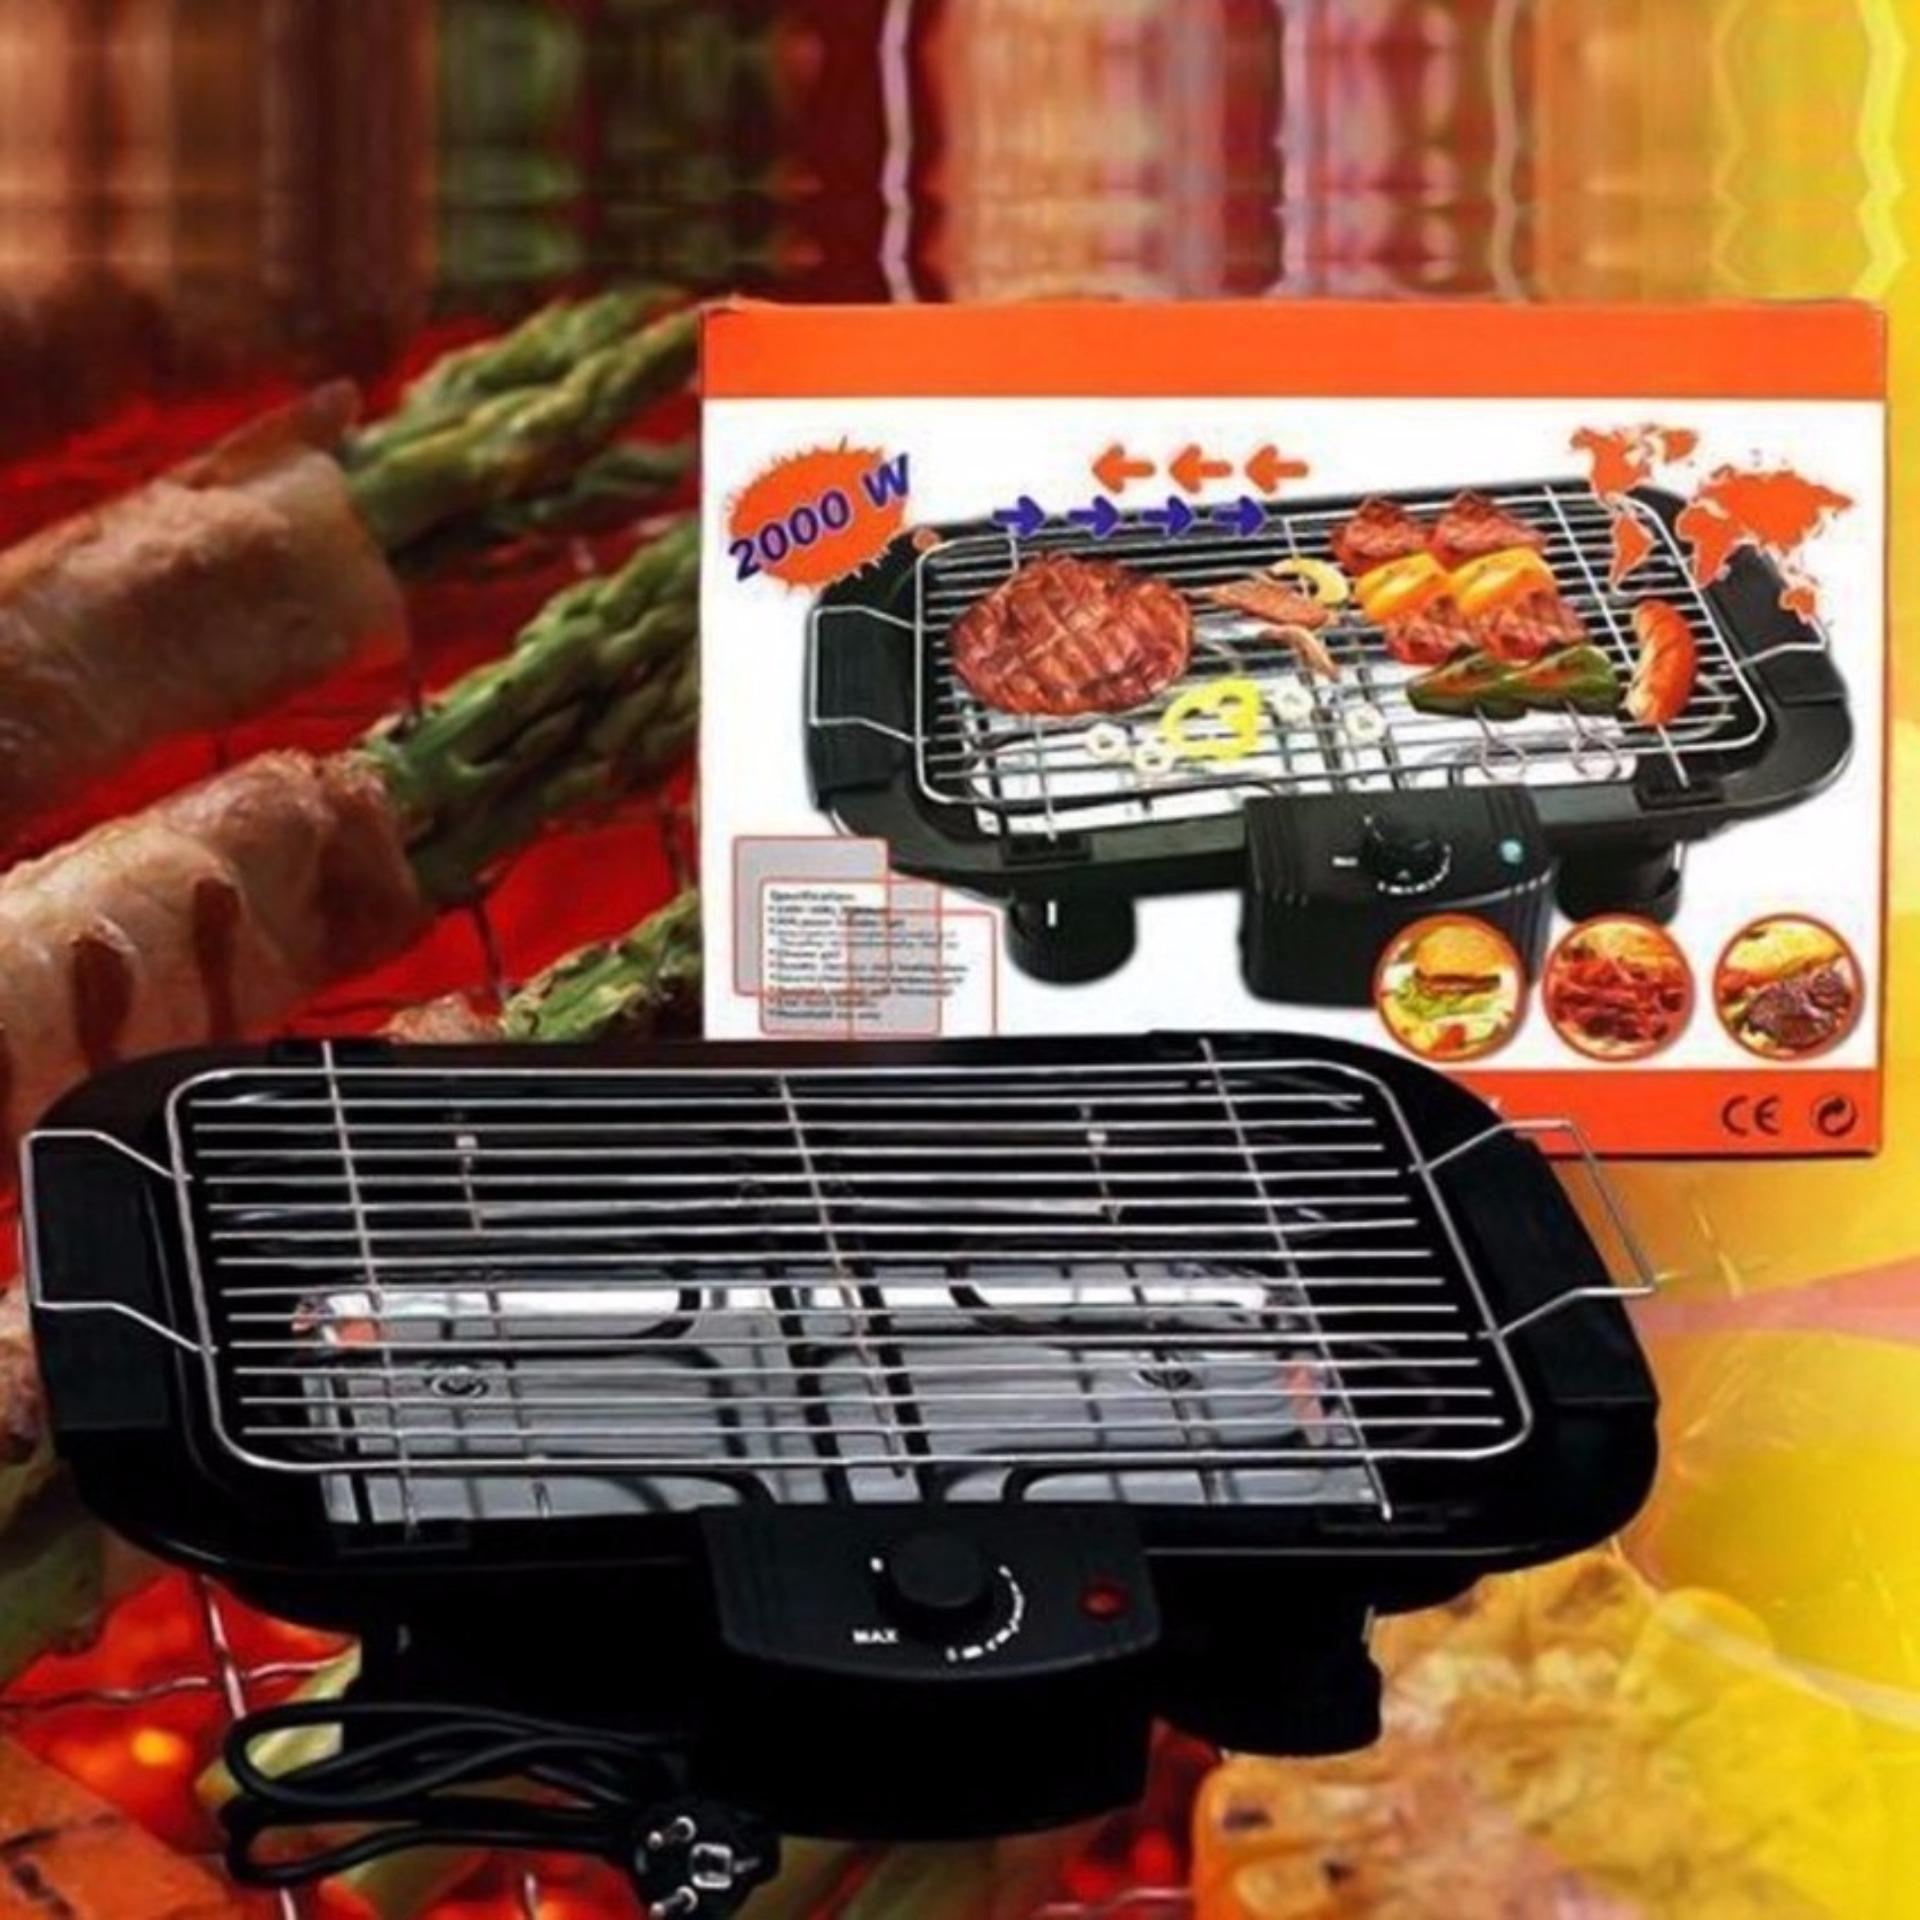 Bếp nướng điện không khói thông minh công suất 2000W – Loại 1